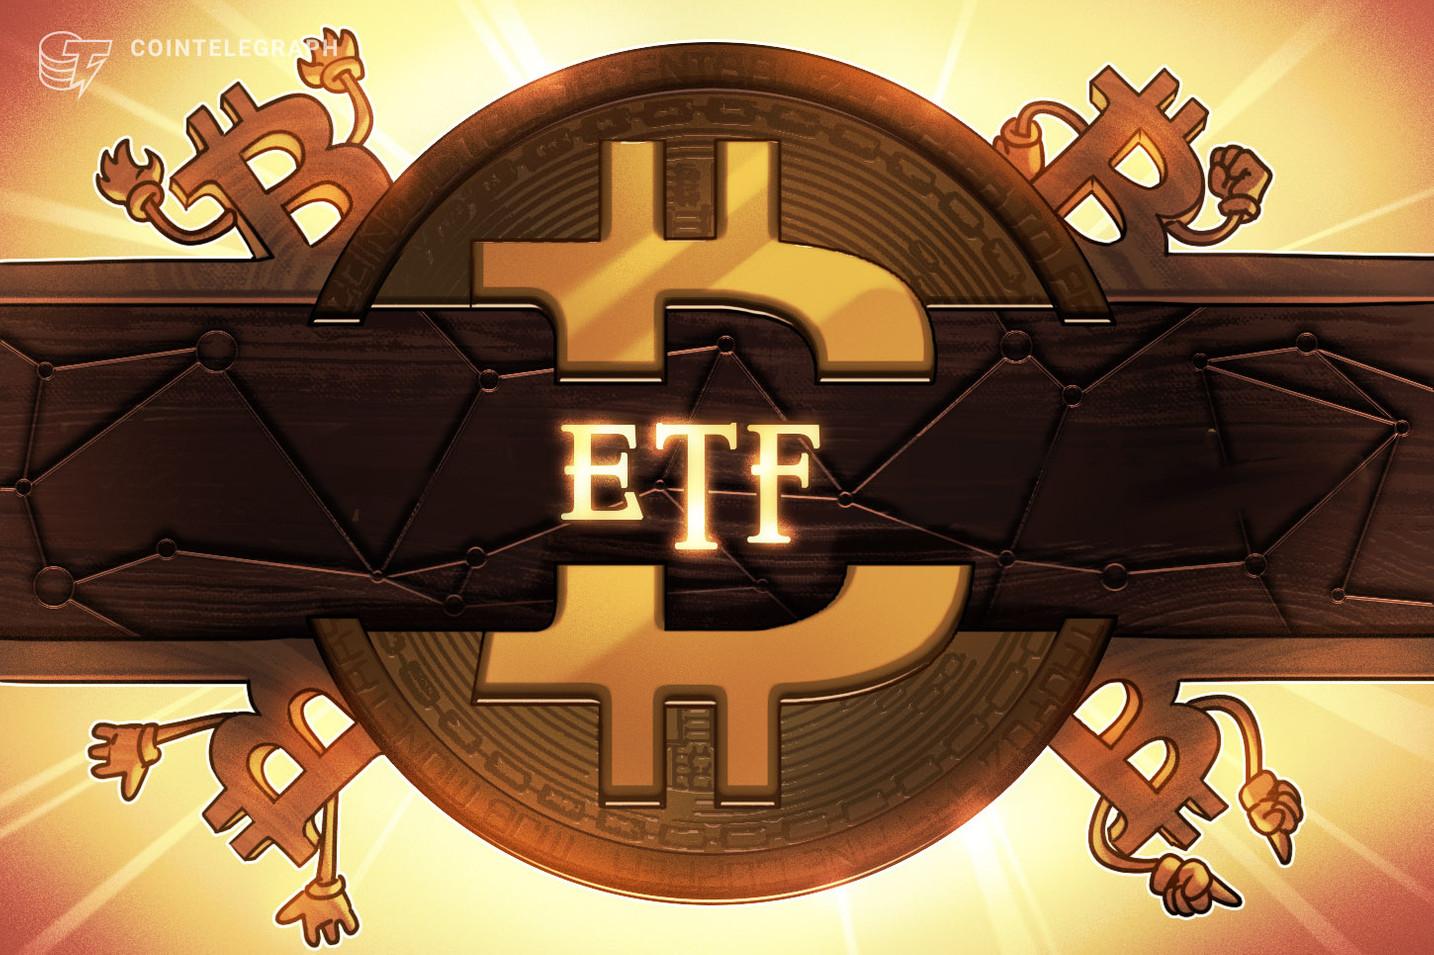 仮想通貨関連企業に投資する上場投資信託、既に数百のETFが多額の投資